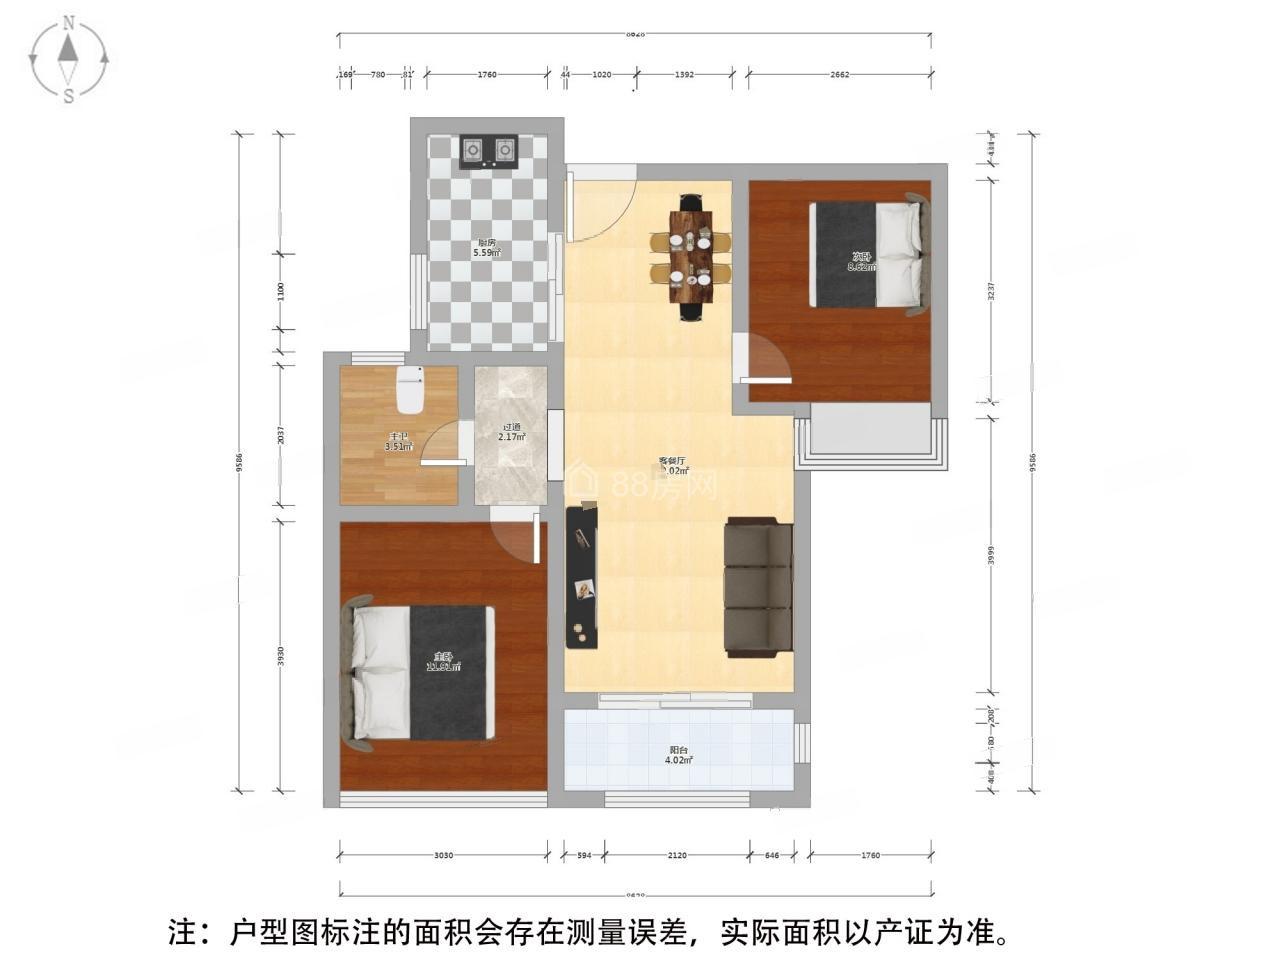 新上海亮婚装两房,保养新,视野好,诚心出售,价格可谈